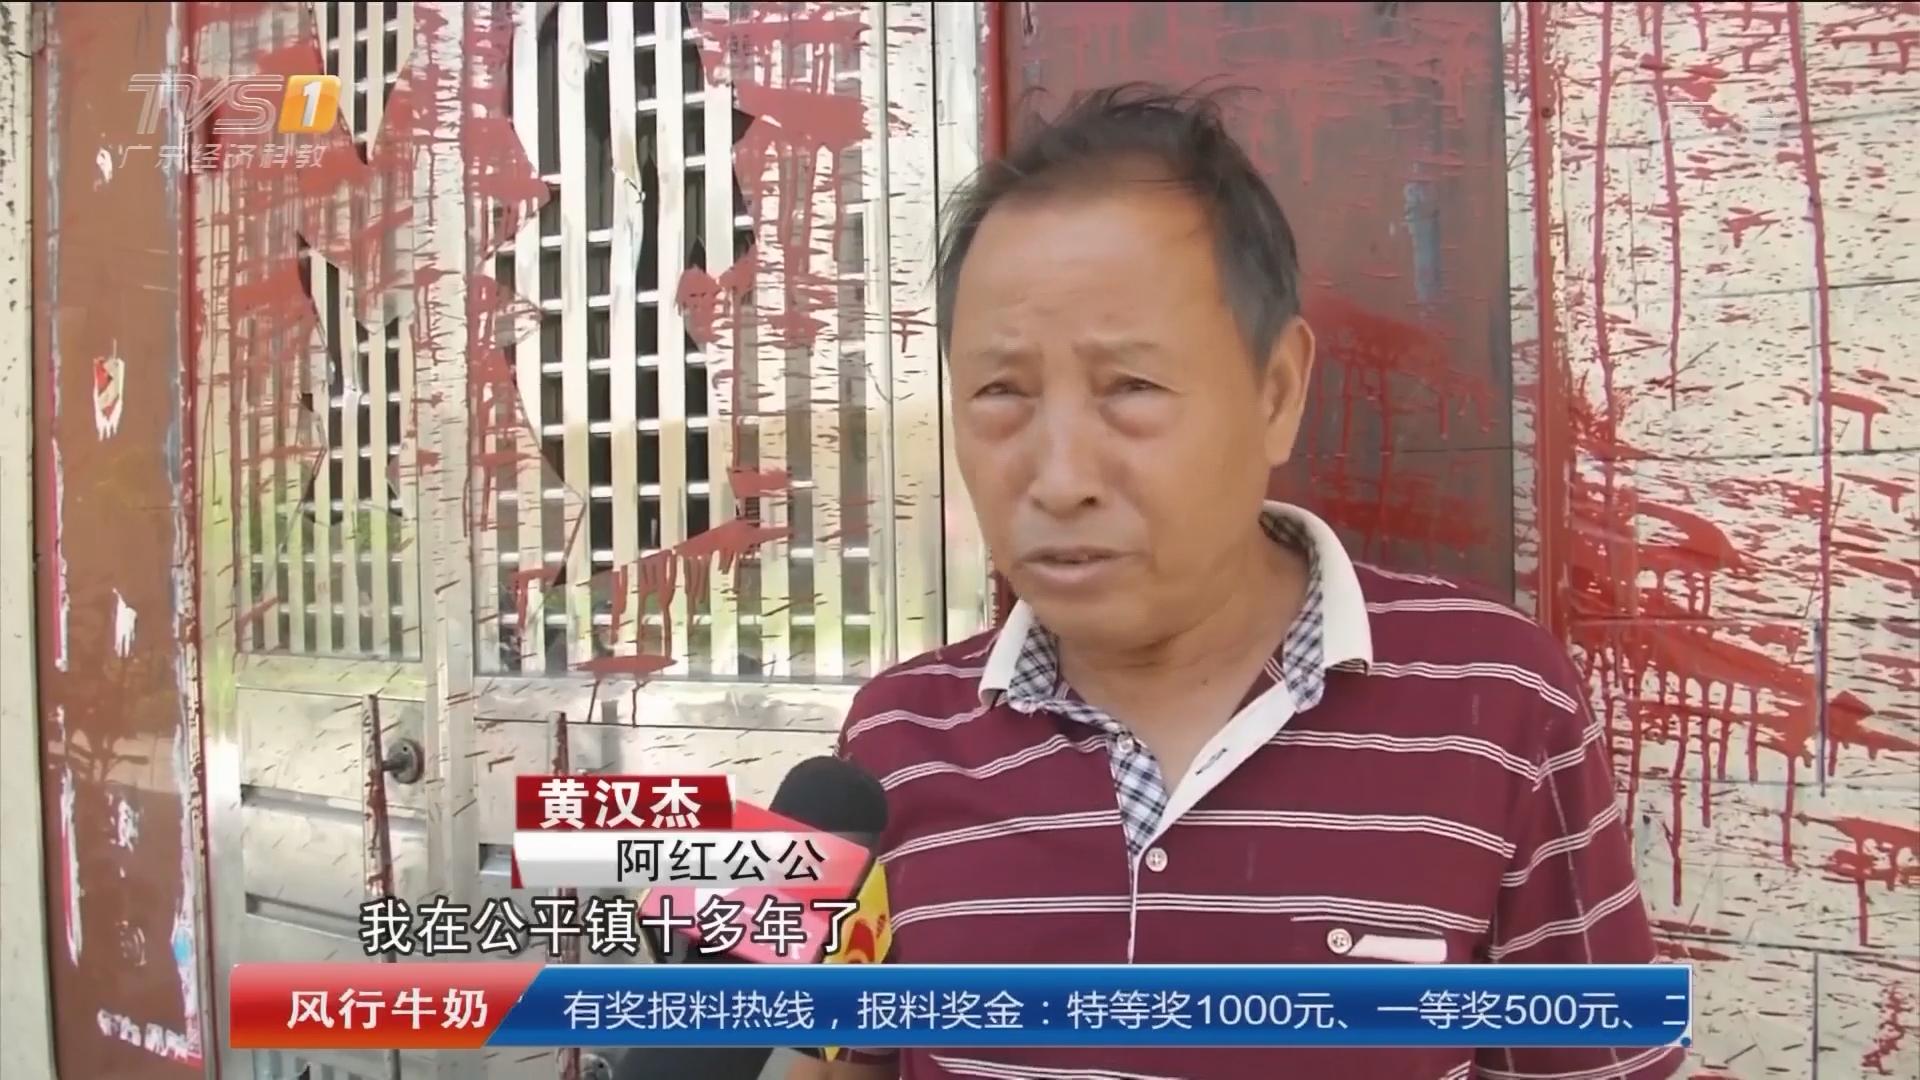 汕尾海丰:蒙面人刀砍民宅门窗 警方调查